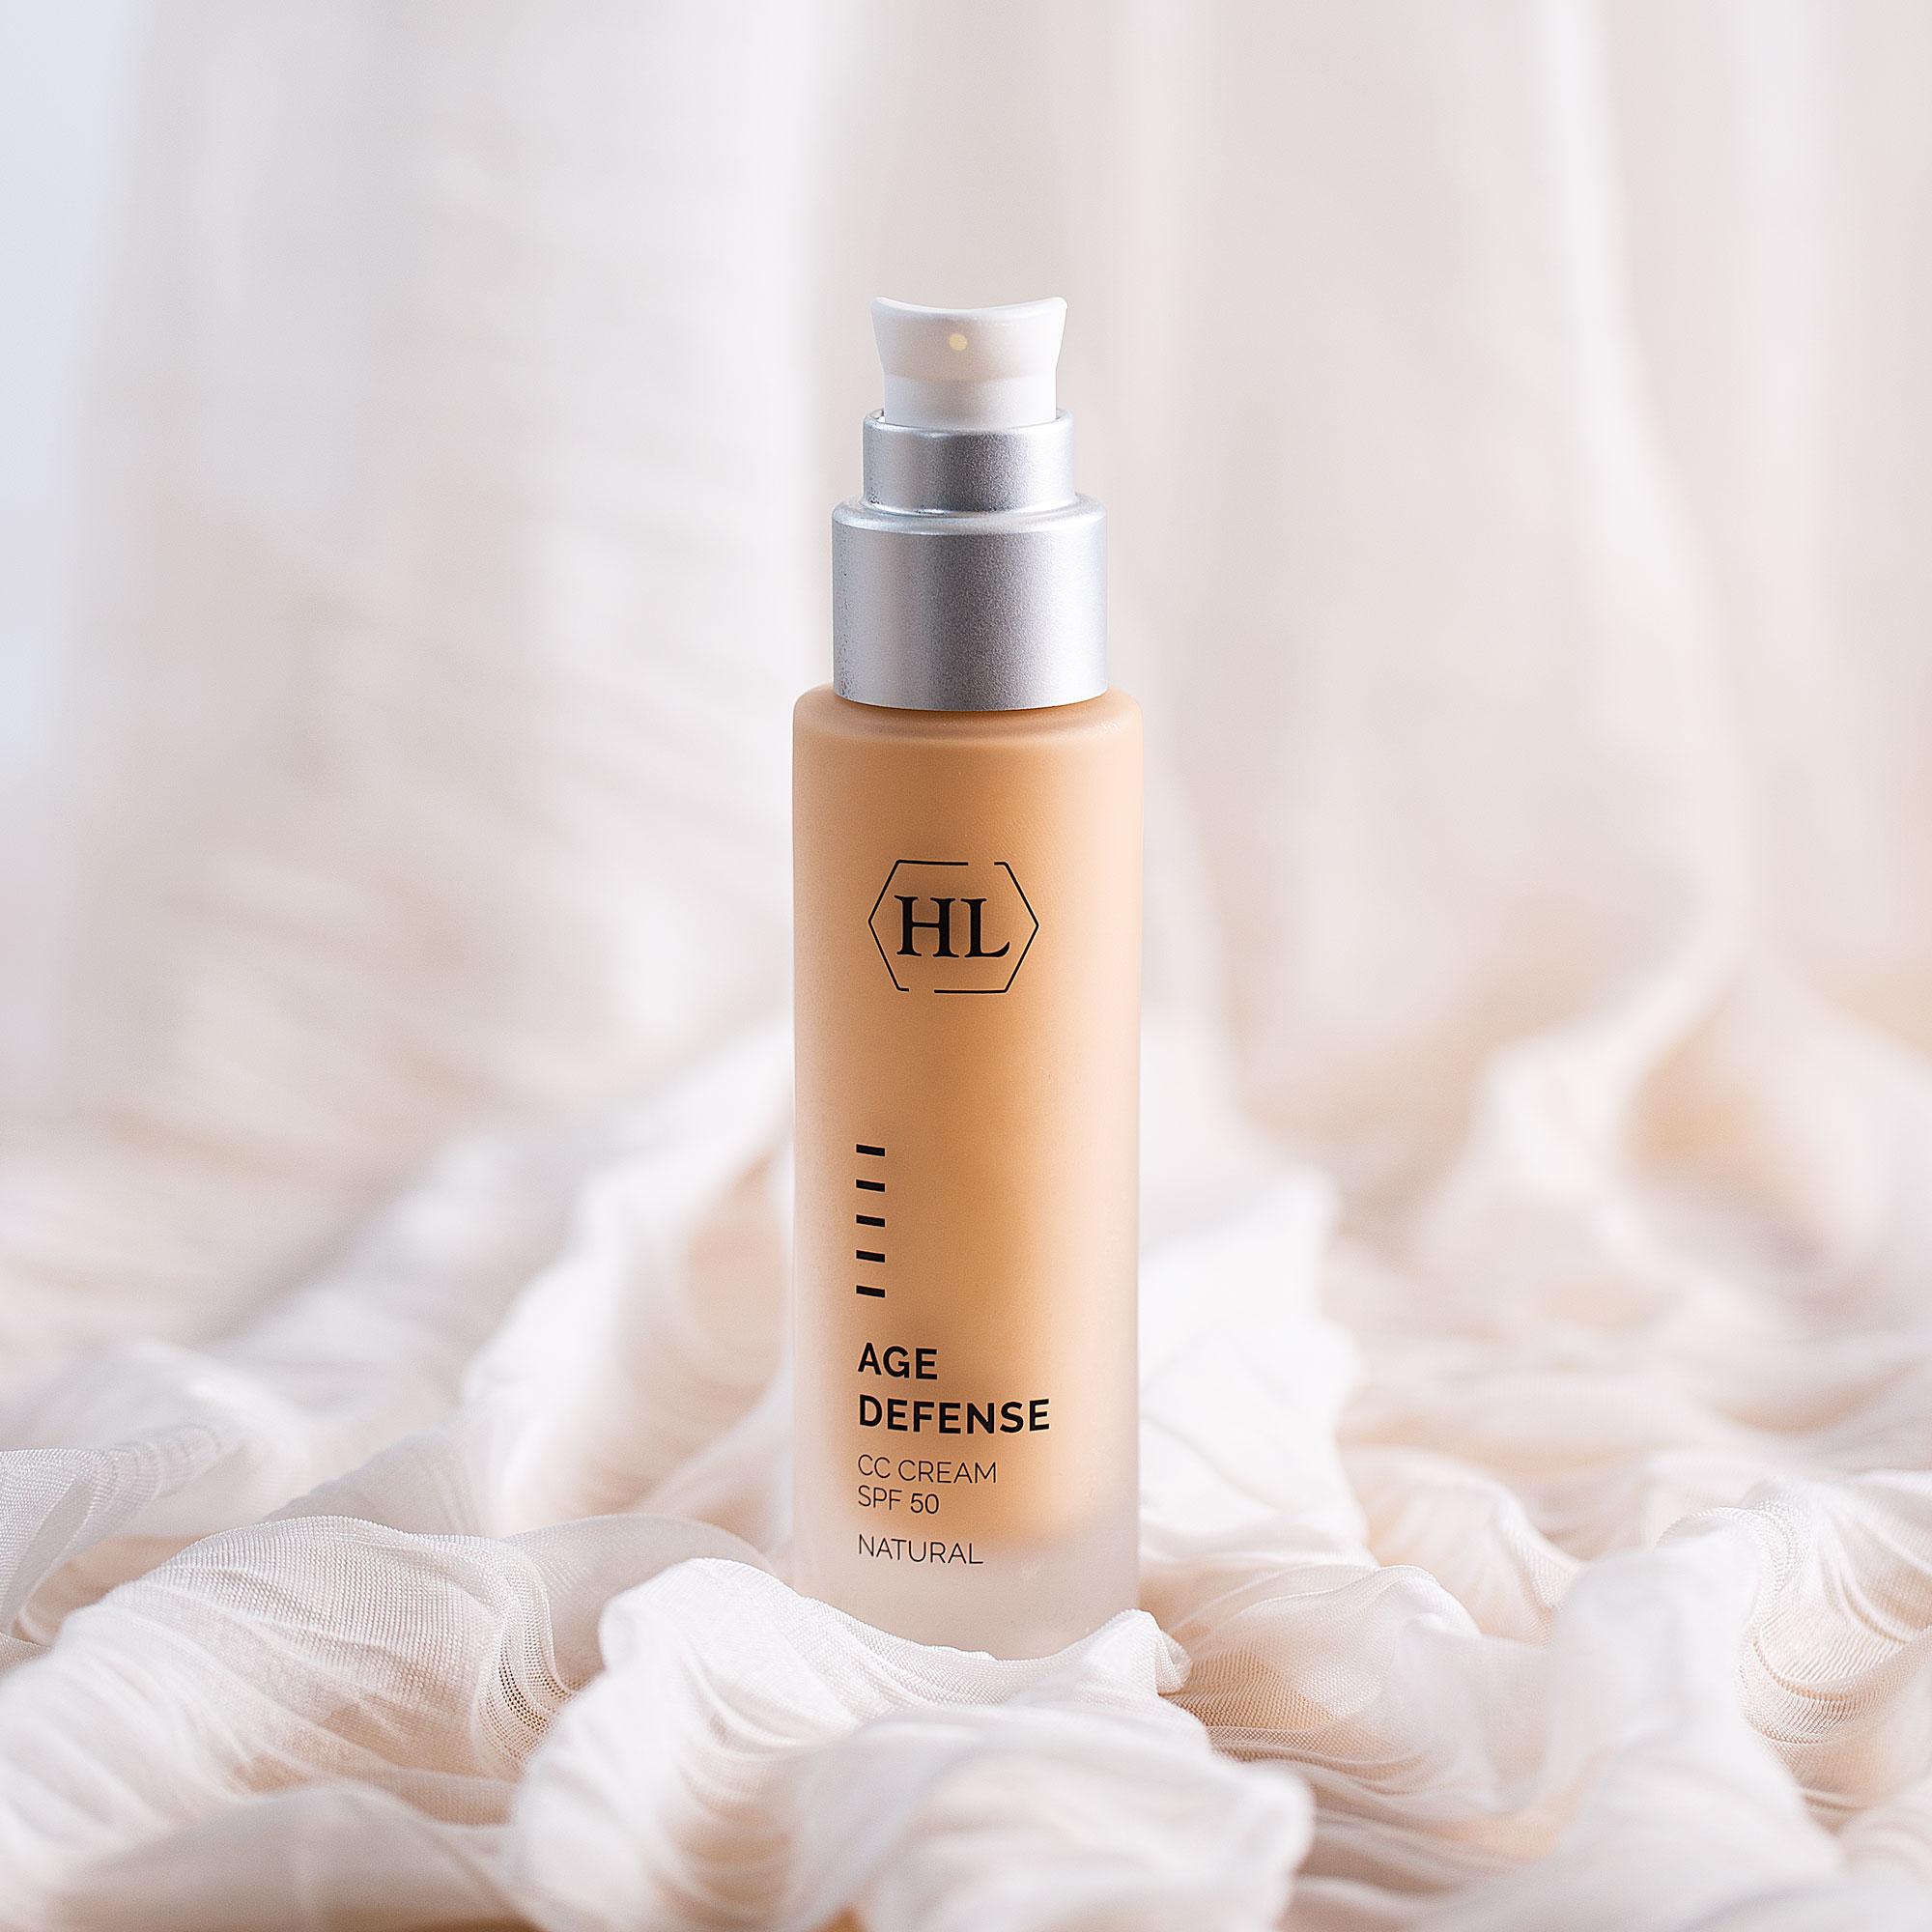 הכיסוי המושלם לעור הפנים -CC Natural – פורמולה עשירה שמעניקה לעור את השילוב המושלם של מייק אפ קליל וטבעי, קרם לחות ו SPF50 להגנה מירבית מפני קרני השמש